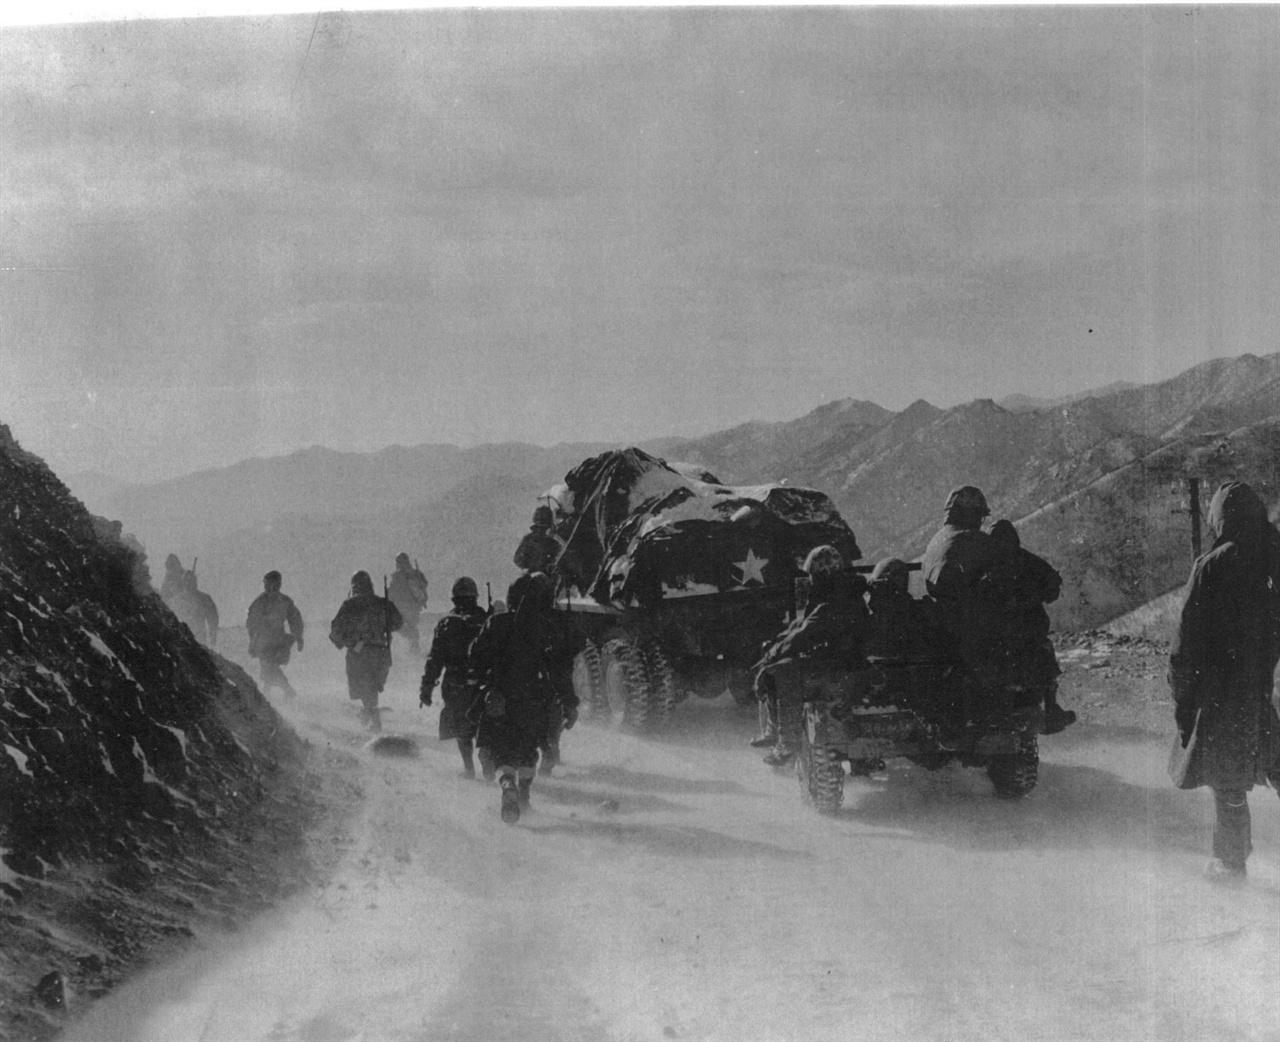 중국군 참전으로 북진한 유엔군들이 혹한 속에 후퇴하고 있다(1950. 12. 9.).